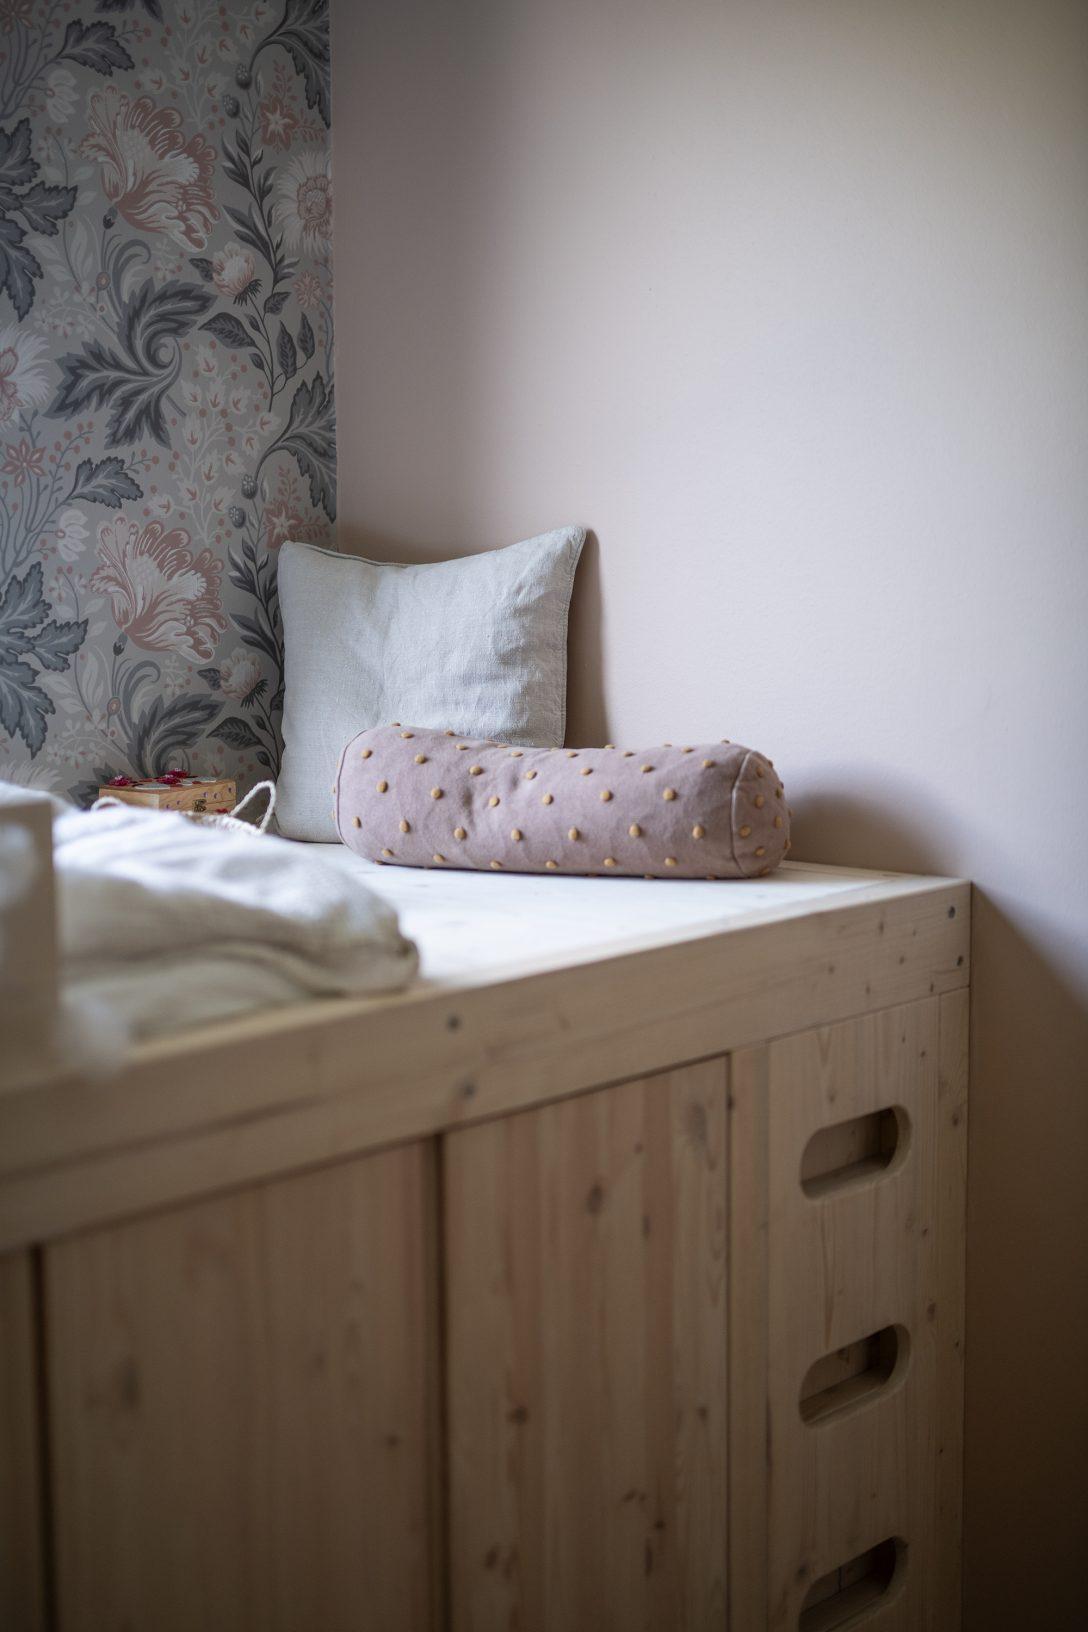 Large Size of Diy Ein Bett Aus Ivar Schrnken Paletten Kaufen Betten Für übergewichtige 180x200 Französische Liegehöhe 60 Cm Chesterfield Coole Somnus Mädchen 120 Breit Wohnzimmer Diy Bett